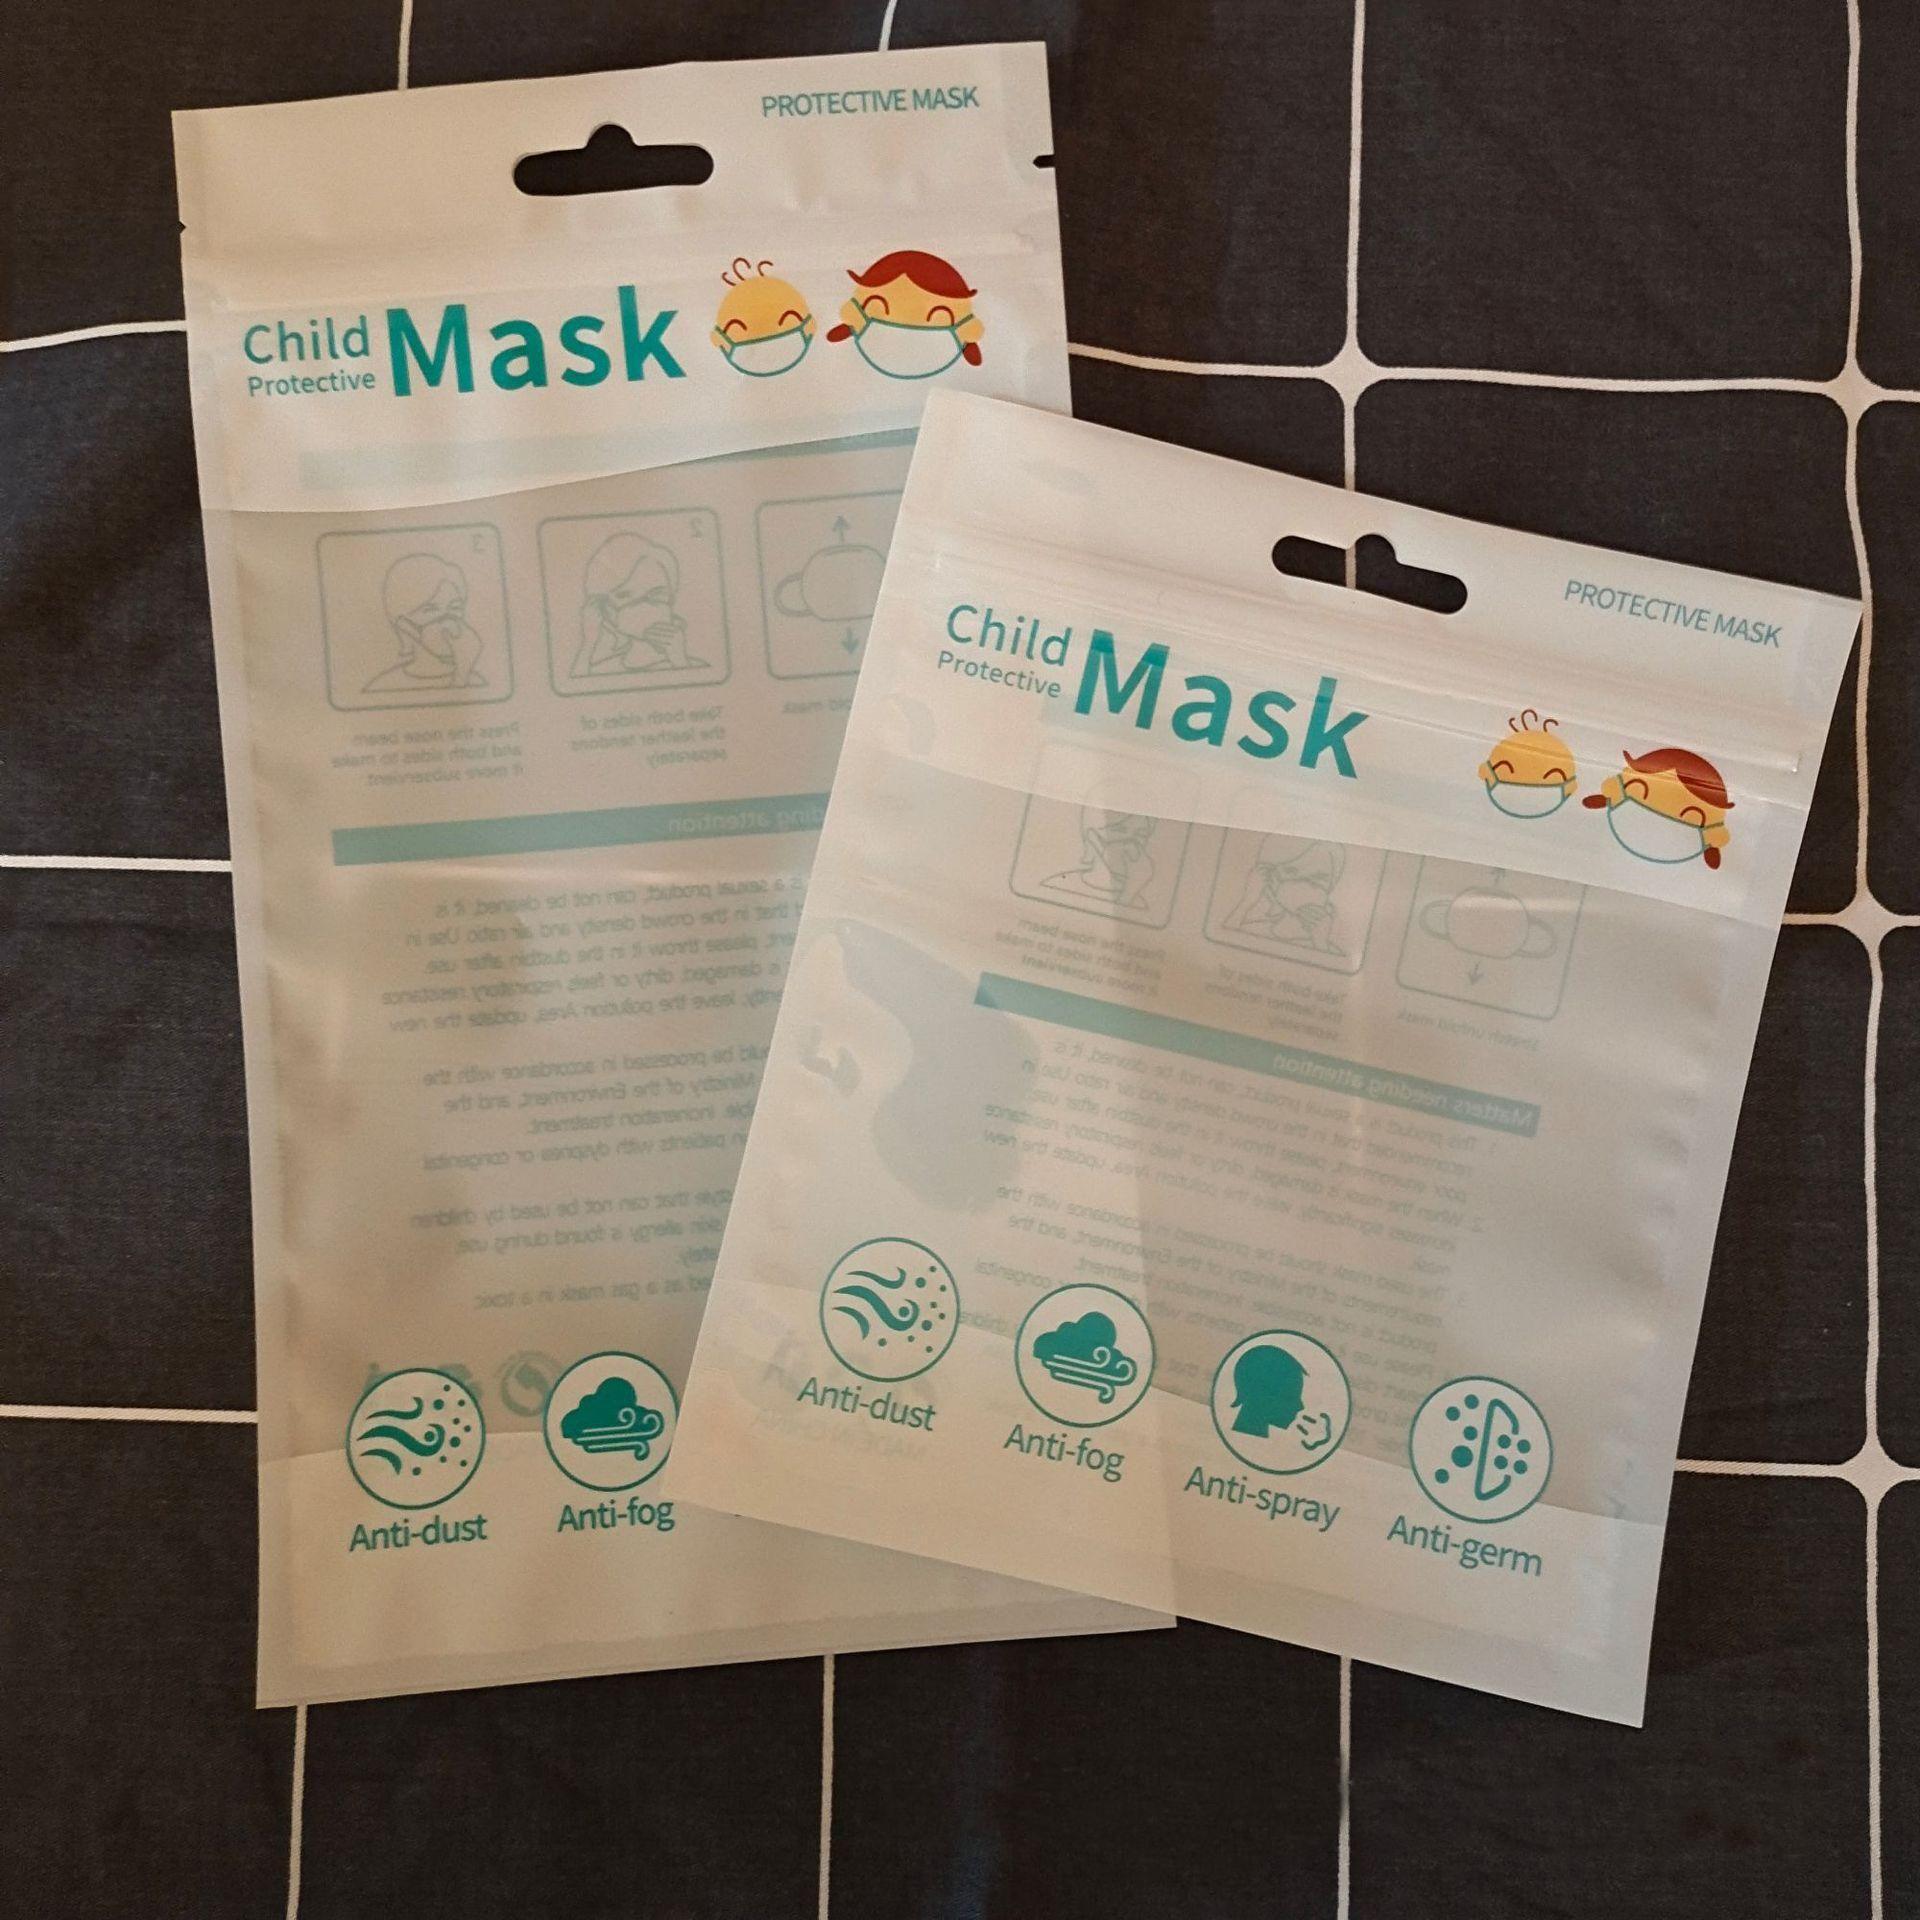 bebek çocuk çocuk Maskeler çanta Boş Perakende için Tek Kullanımlık Yüz Maskesi çanta için Kilit Çanta keseler fermuar stok Ambalaj Koruyucu OPP Çanta içinde